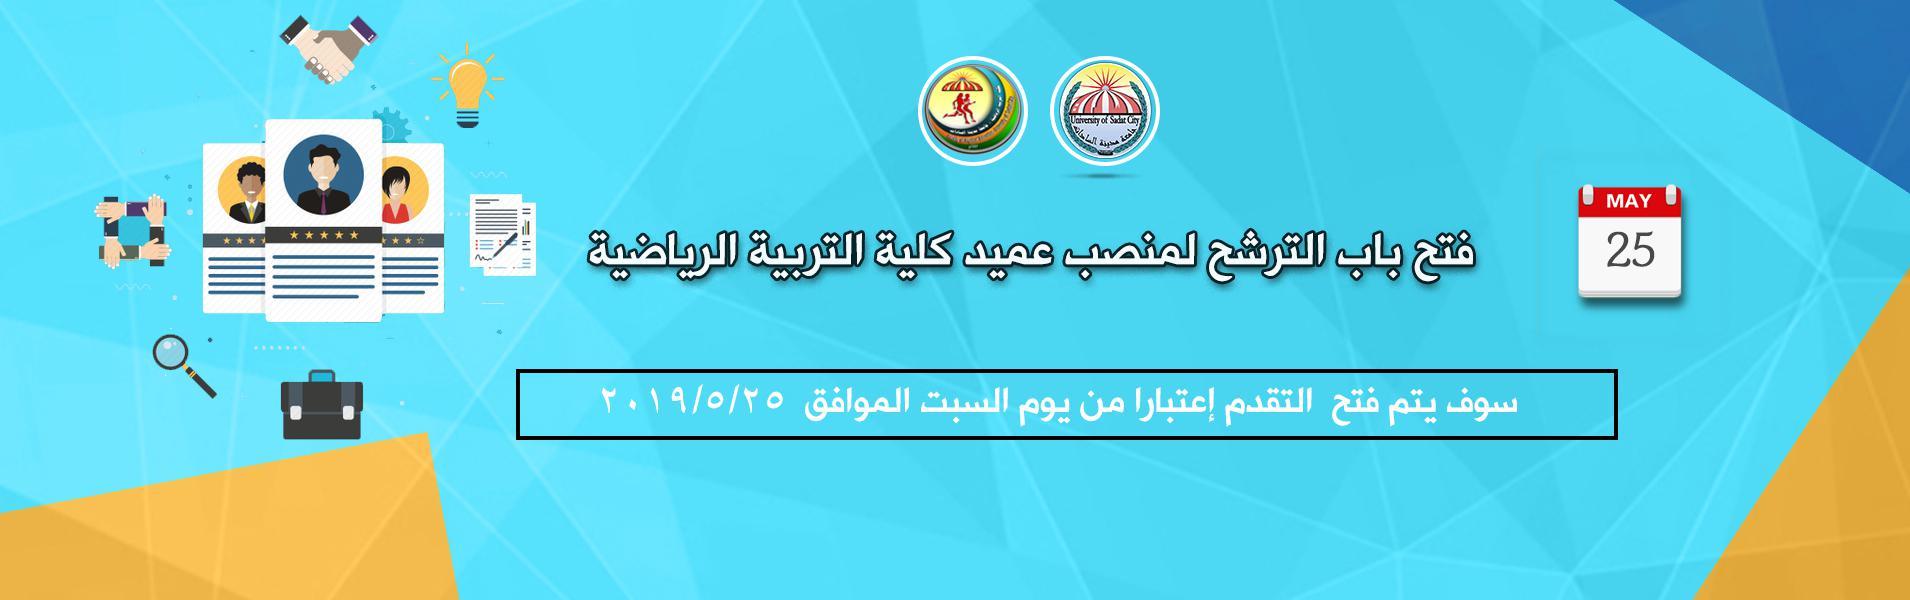 فتح باب الترشح لمنصب عميد كلية التربية الرياضية السبت 25 مايو